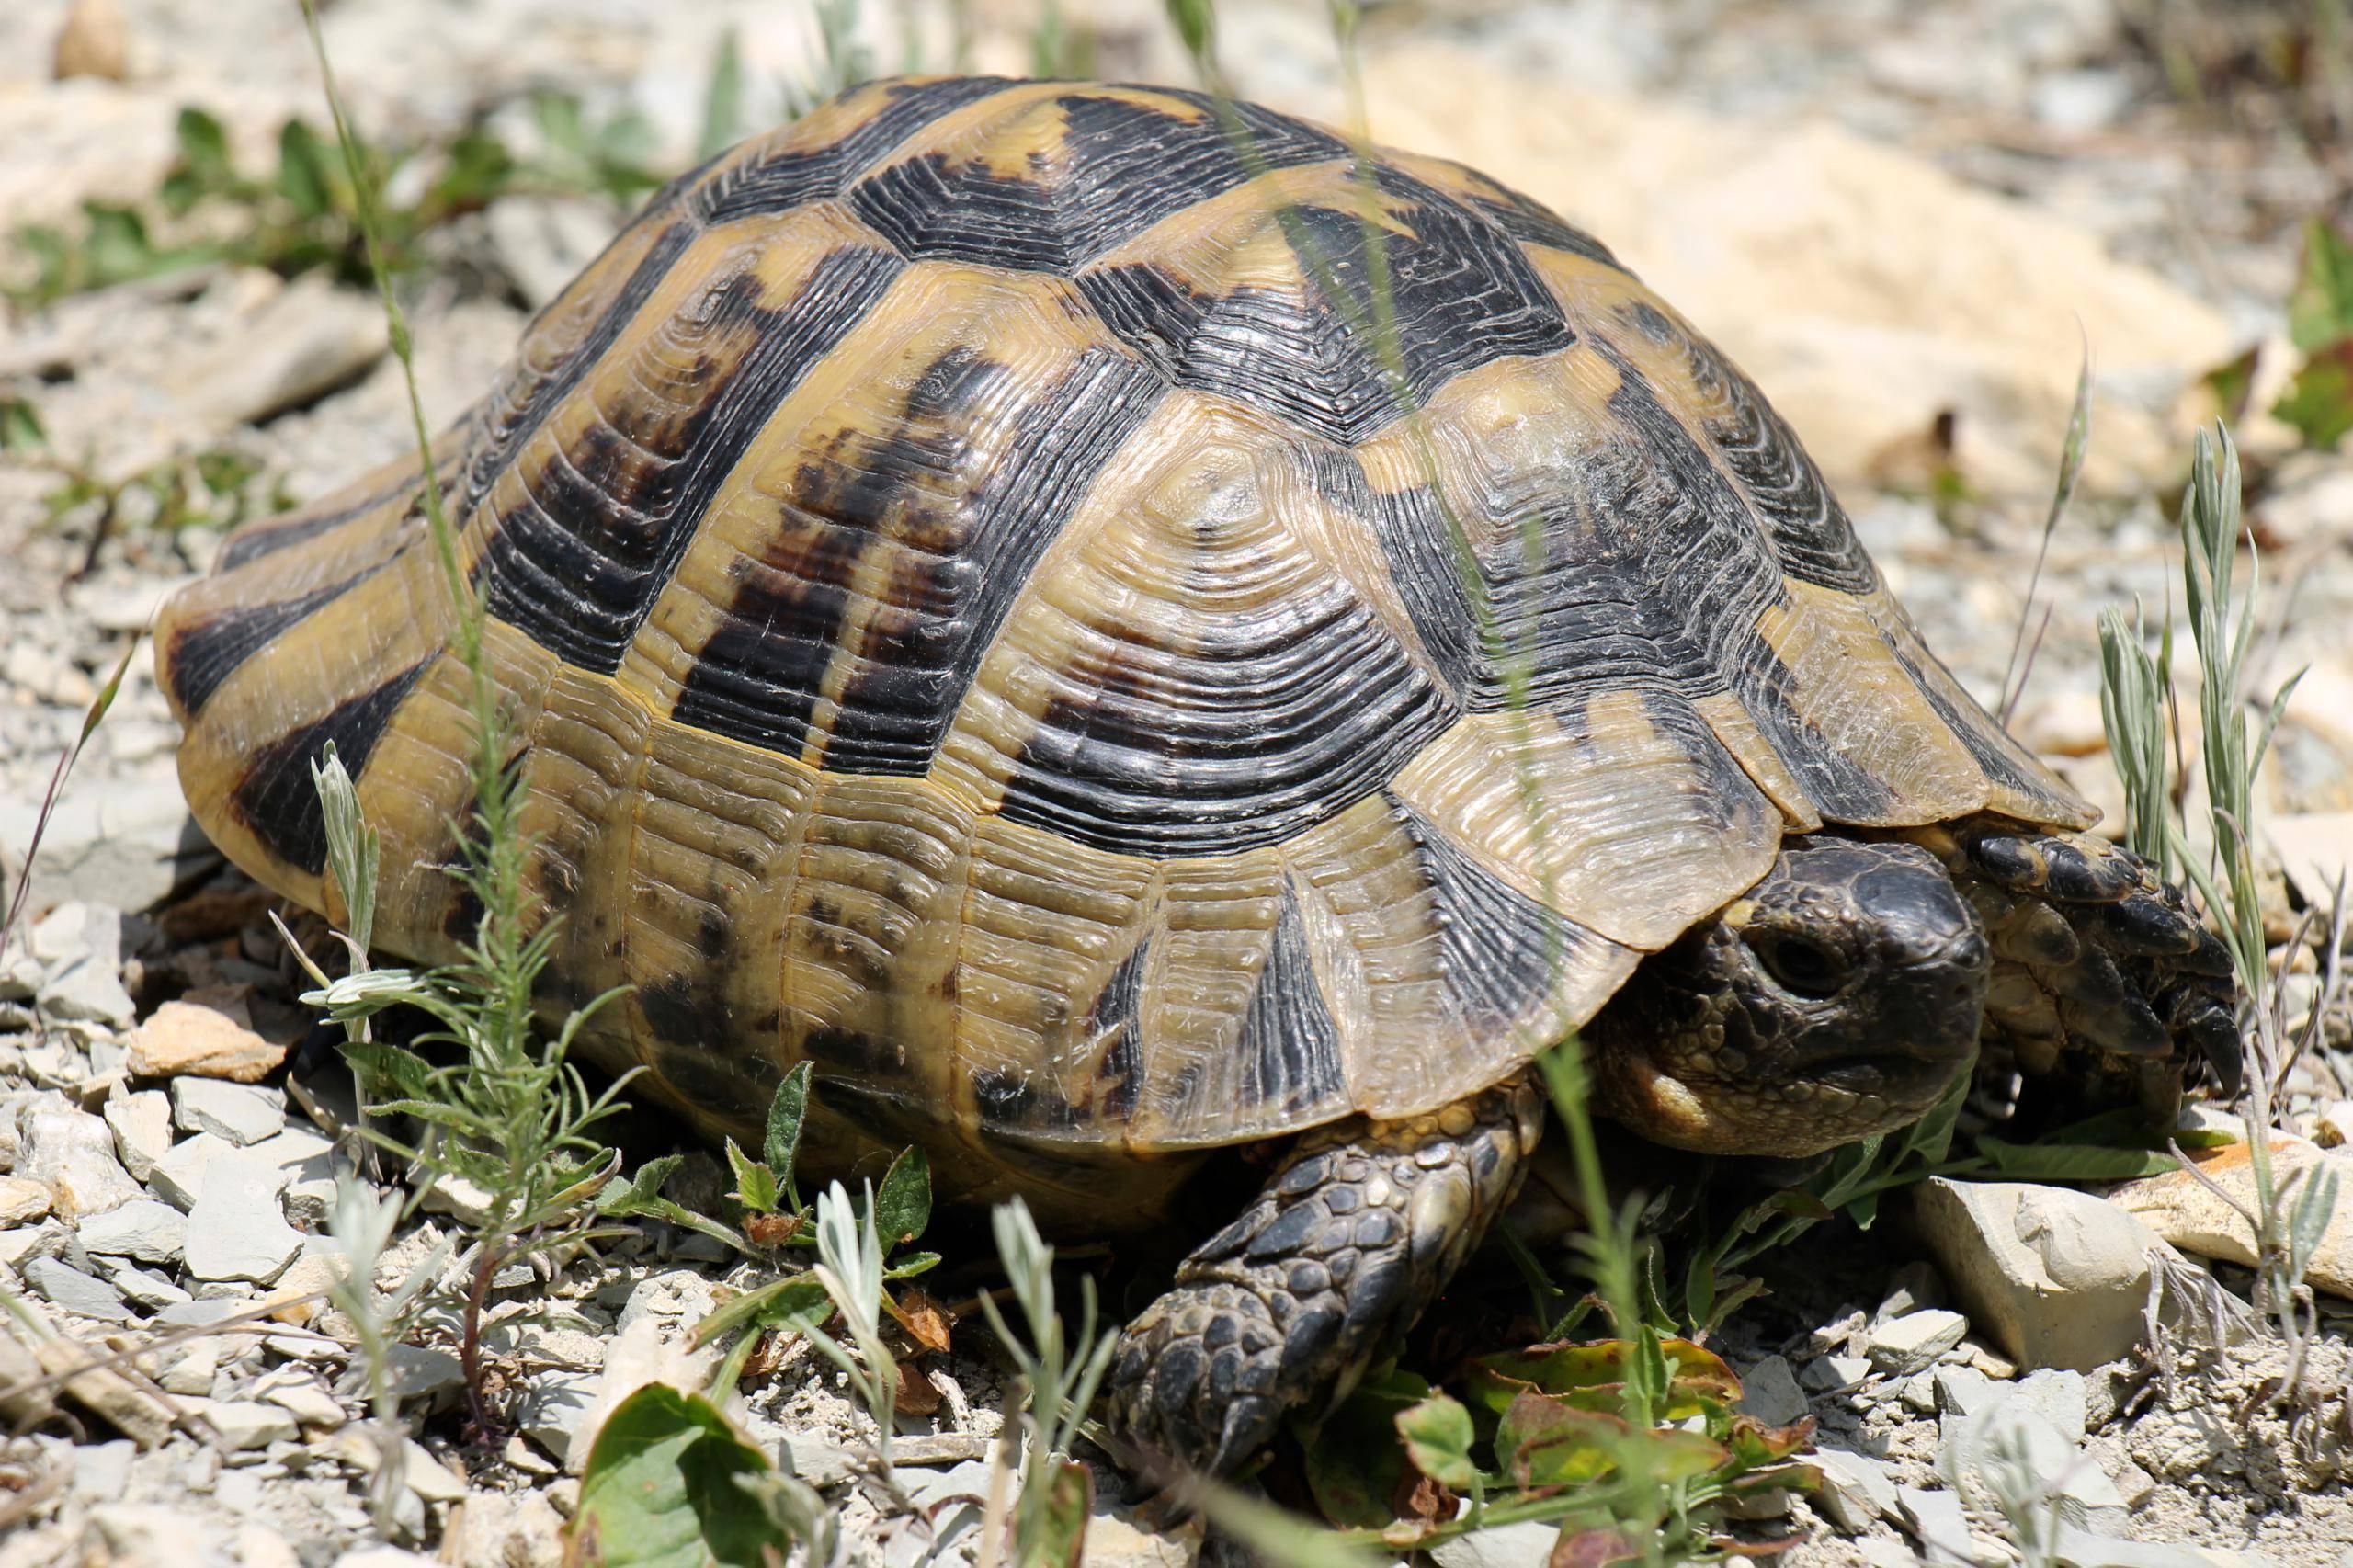 Средиземноморская черепаха • ru.knowledgr.com